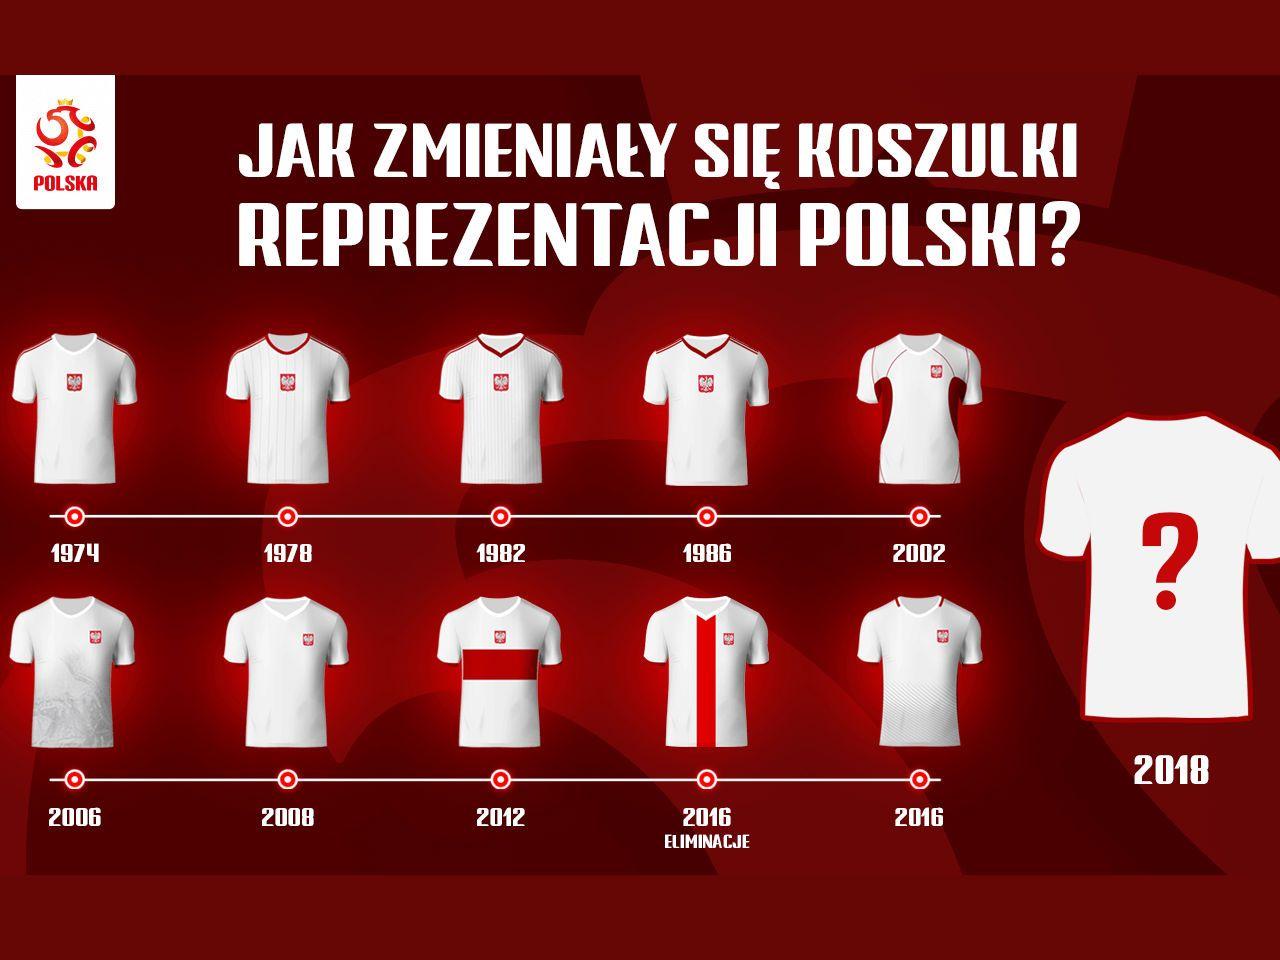 d0db03ae6f78 Koszulki reprezentacji Polski na MŚ 2018. Sprawdź